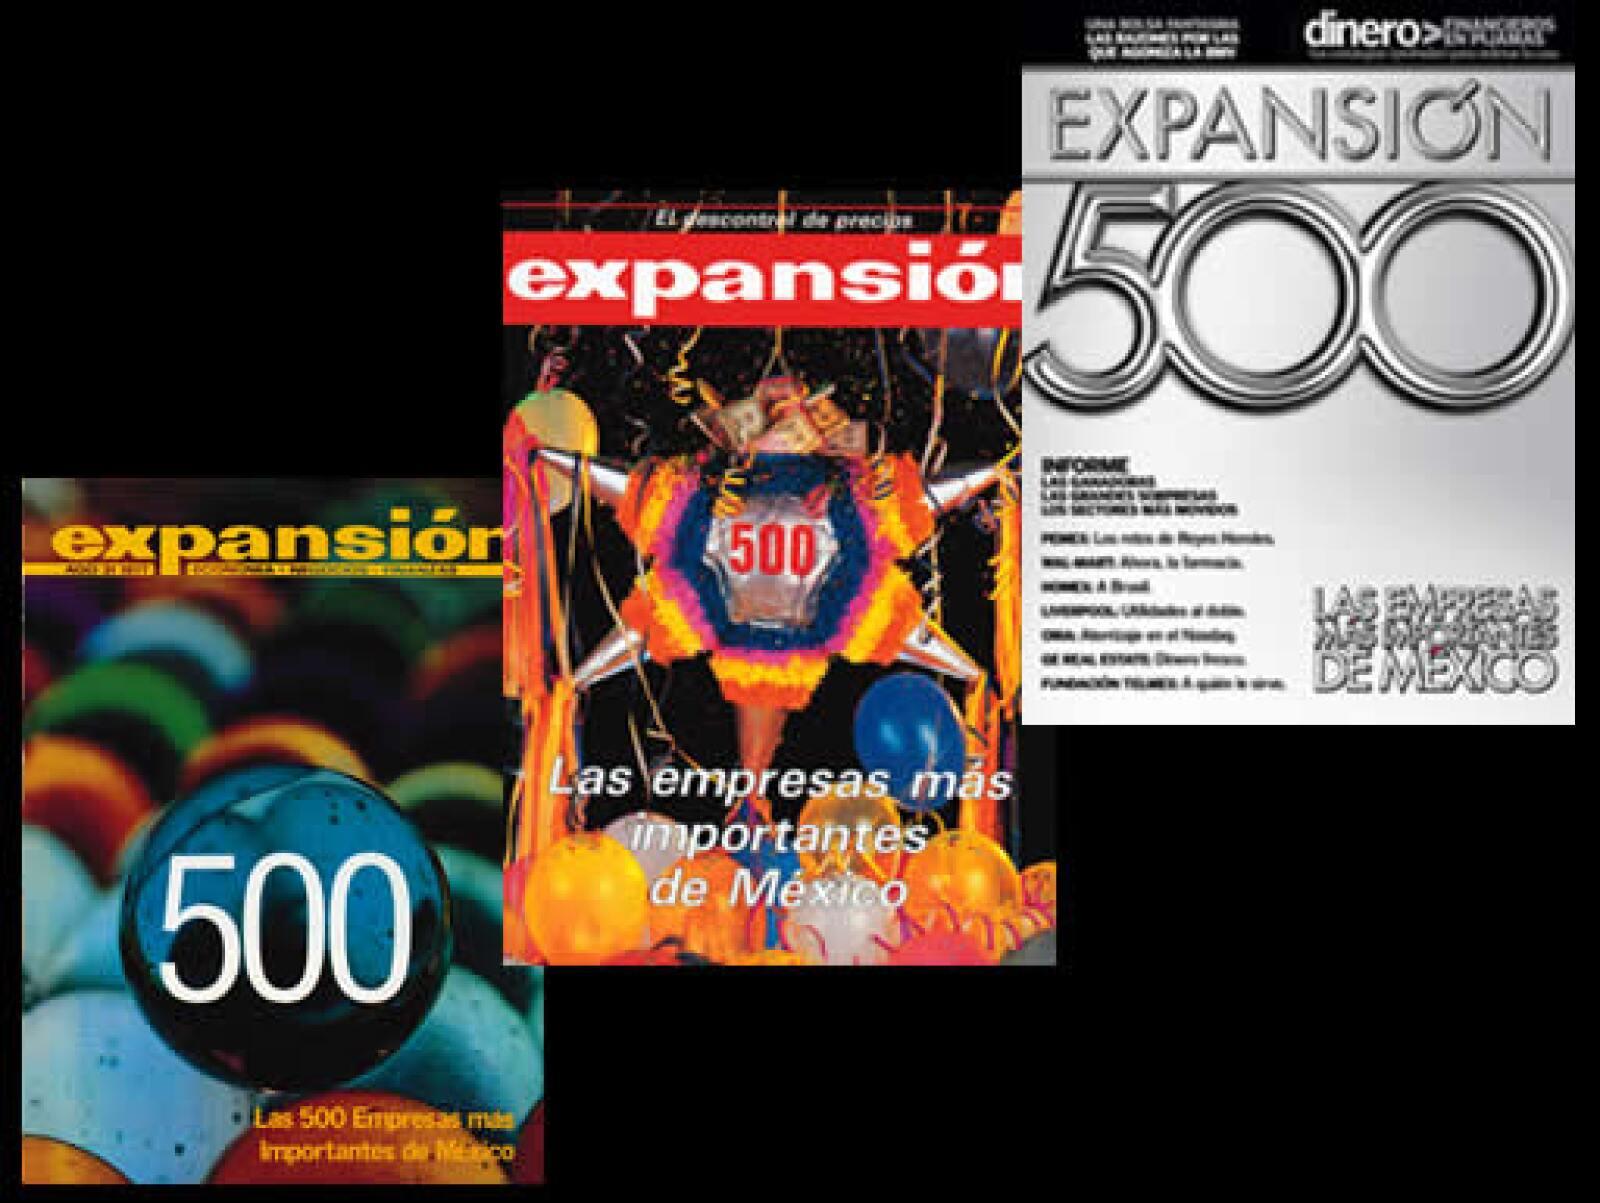 La primera encuesta de empresas realizada por esta revista se publicó en 1975. Ese año sólo hubo 350 participantes. El año siguiente fueron 400 y, por primera vez, en 1977 se llamaron las 500 empresas más importantes de México (izq).